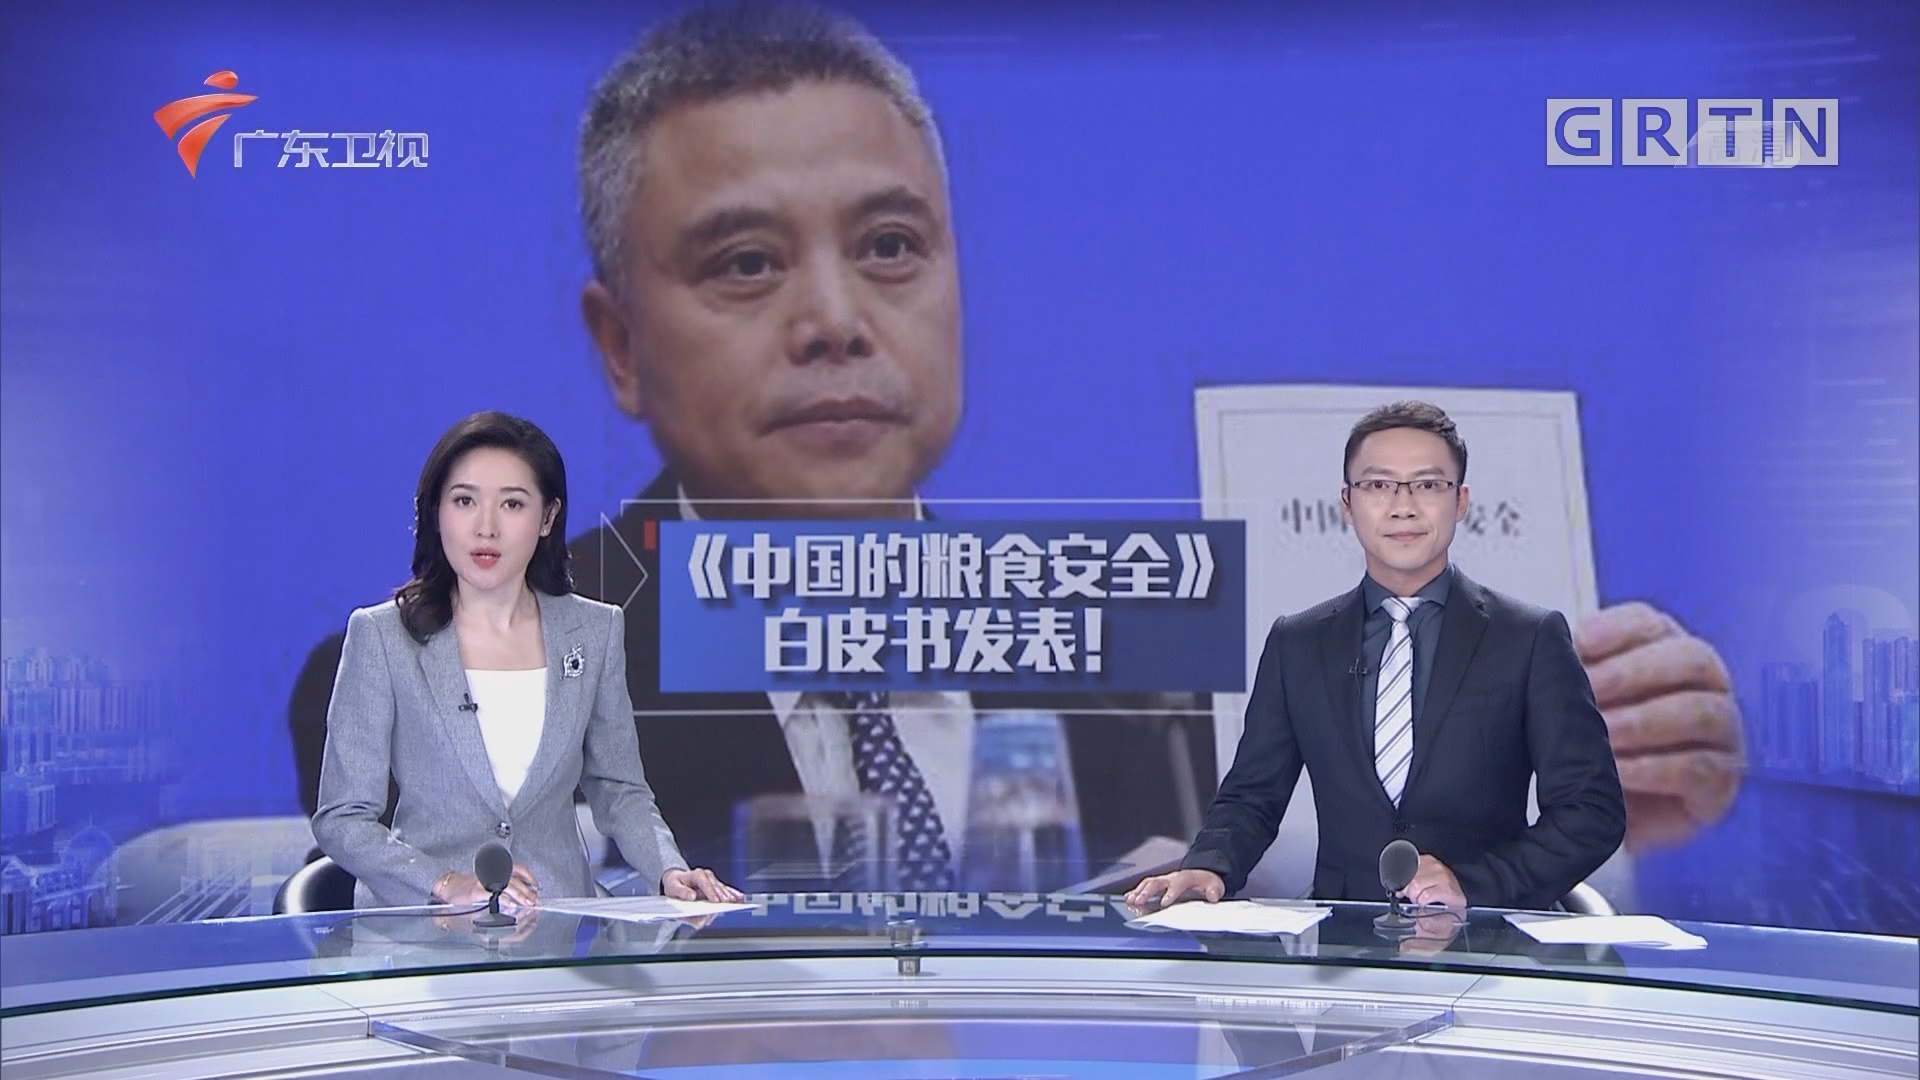 《中国的粮食安全》白皮书:两个重要指标双双超过6.5亿吨